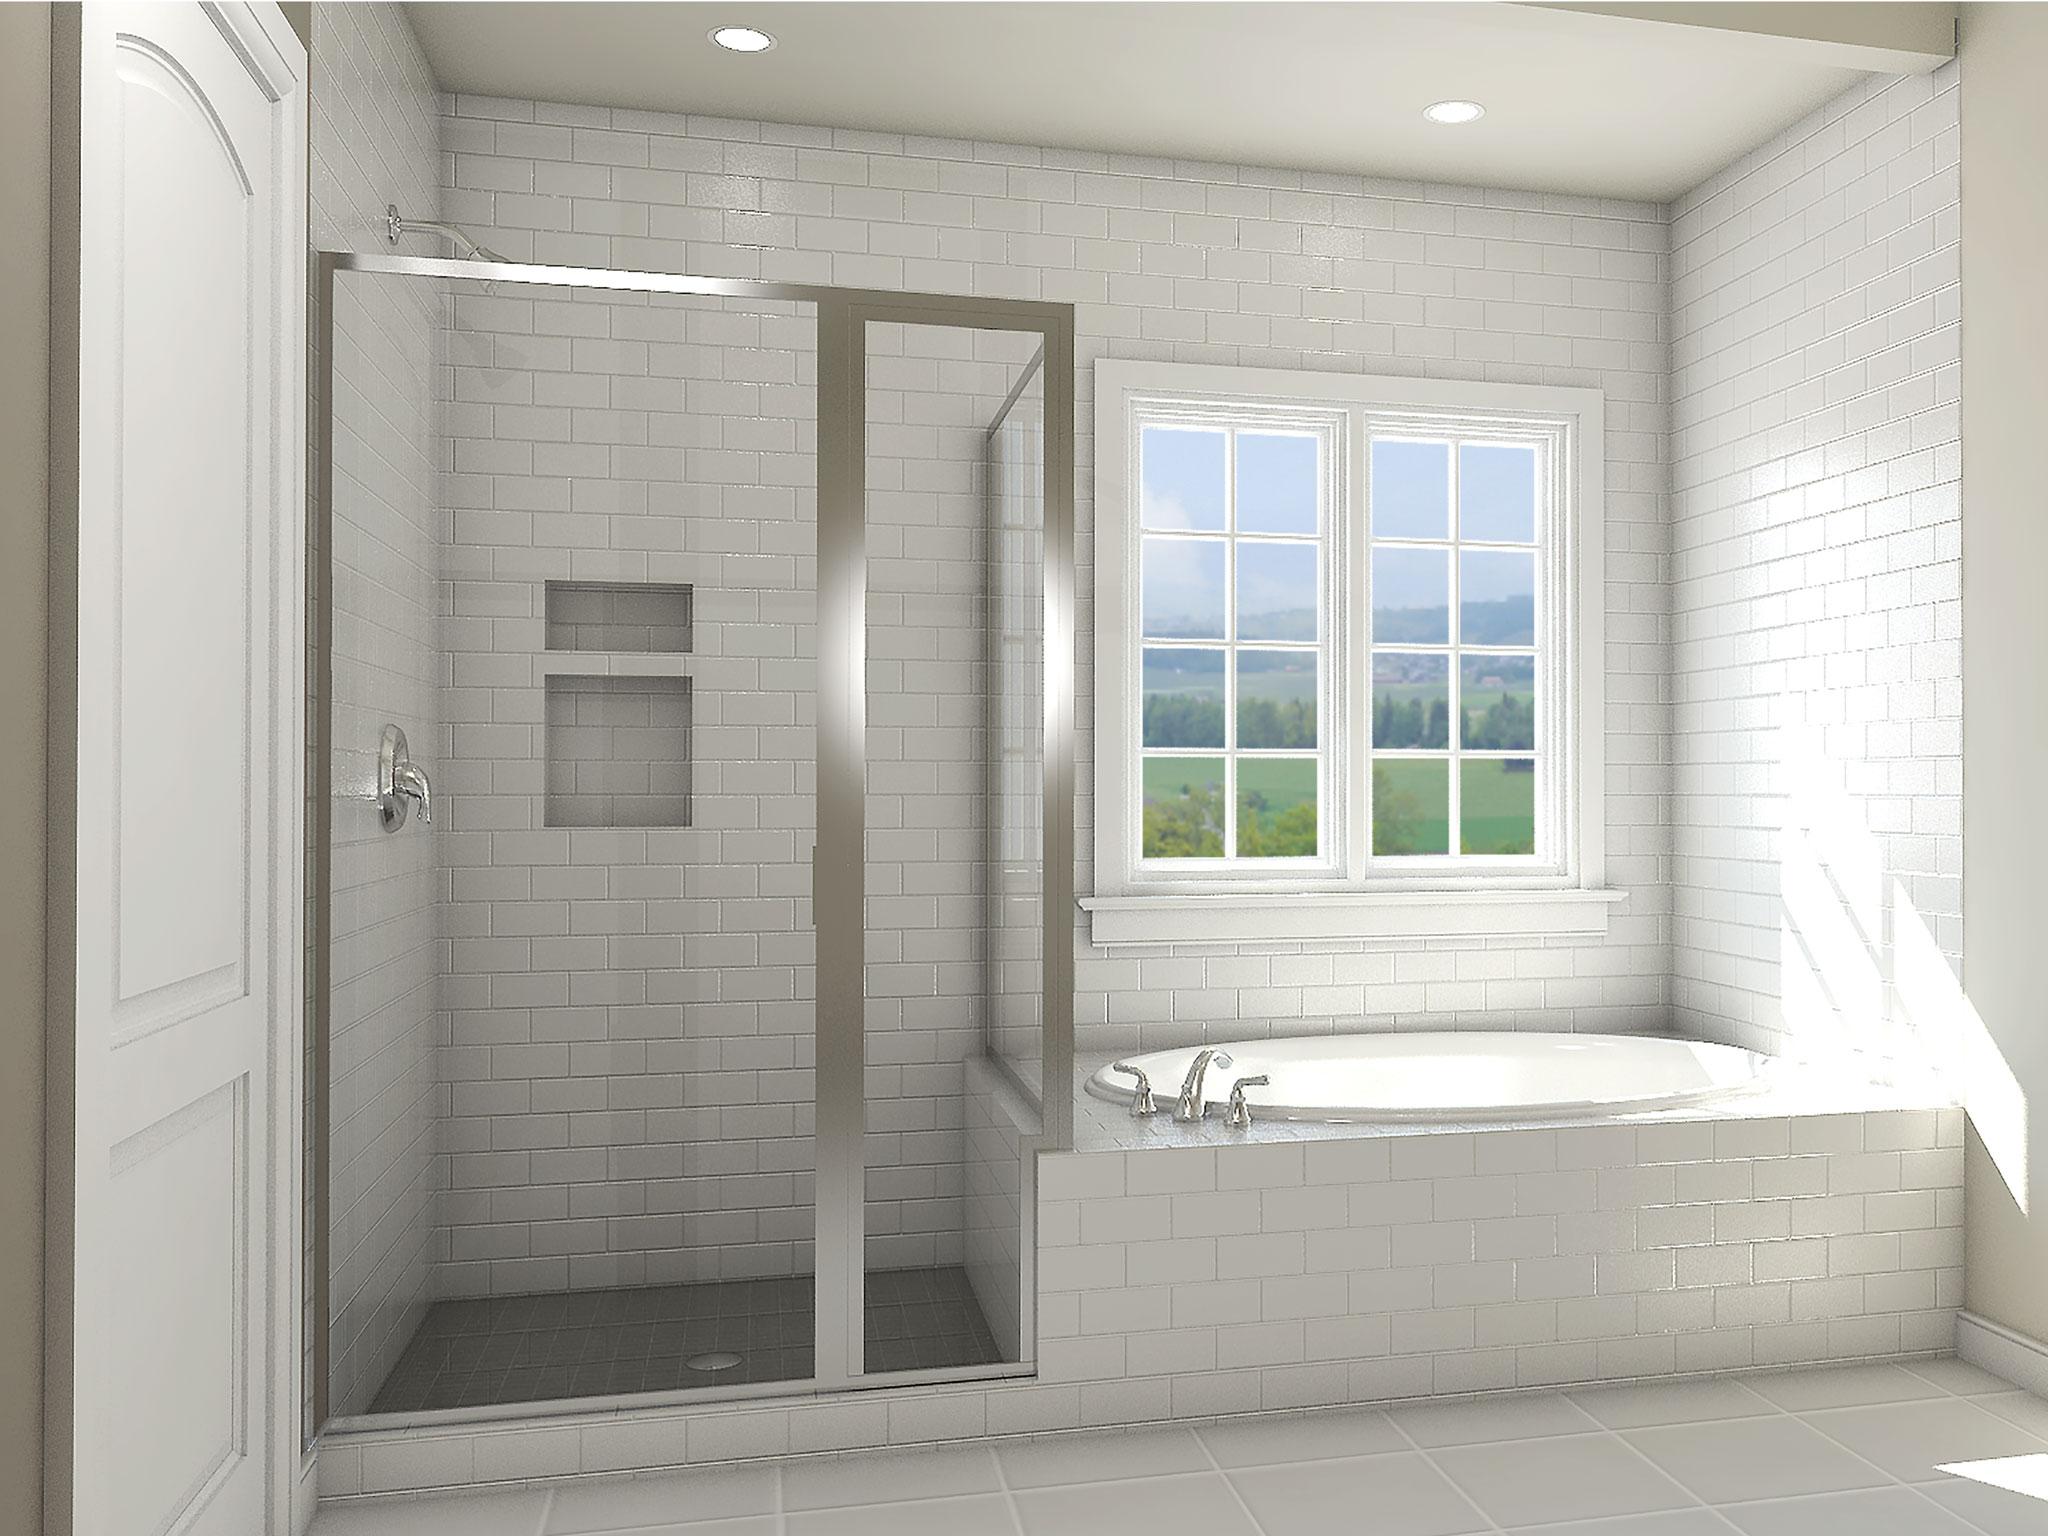 Oasis Owner's Bath Rendering